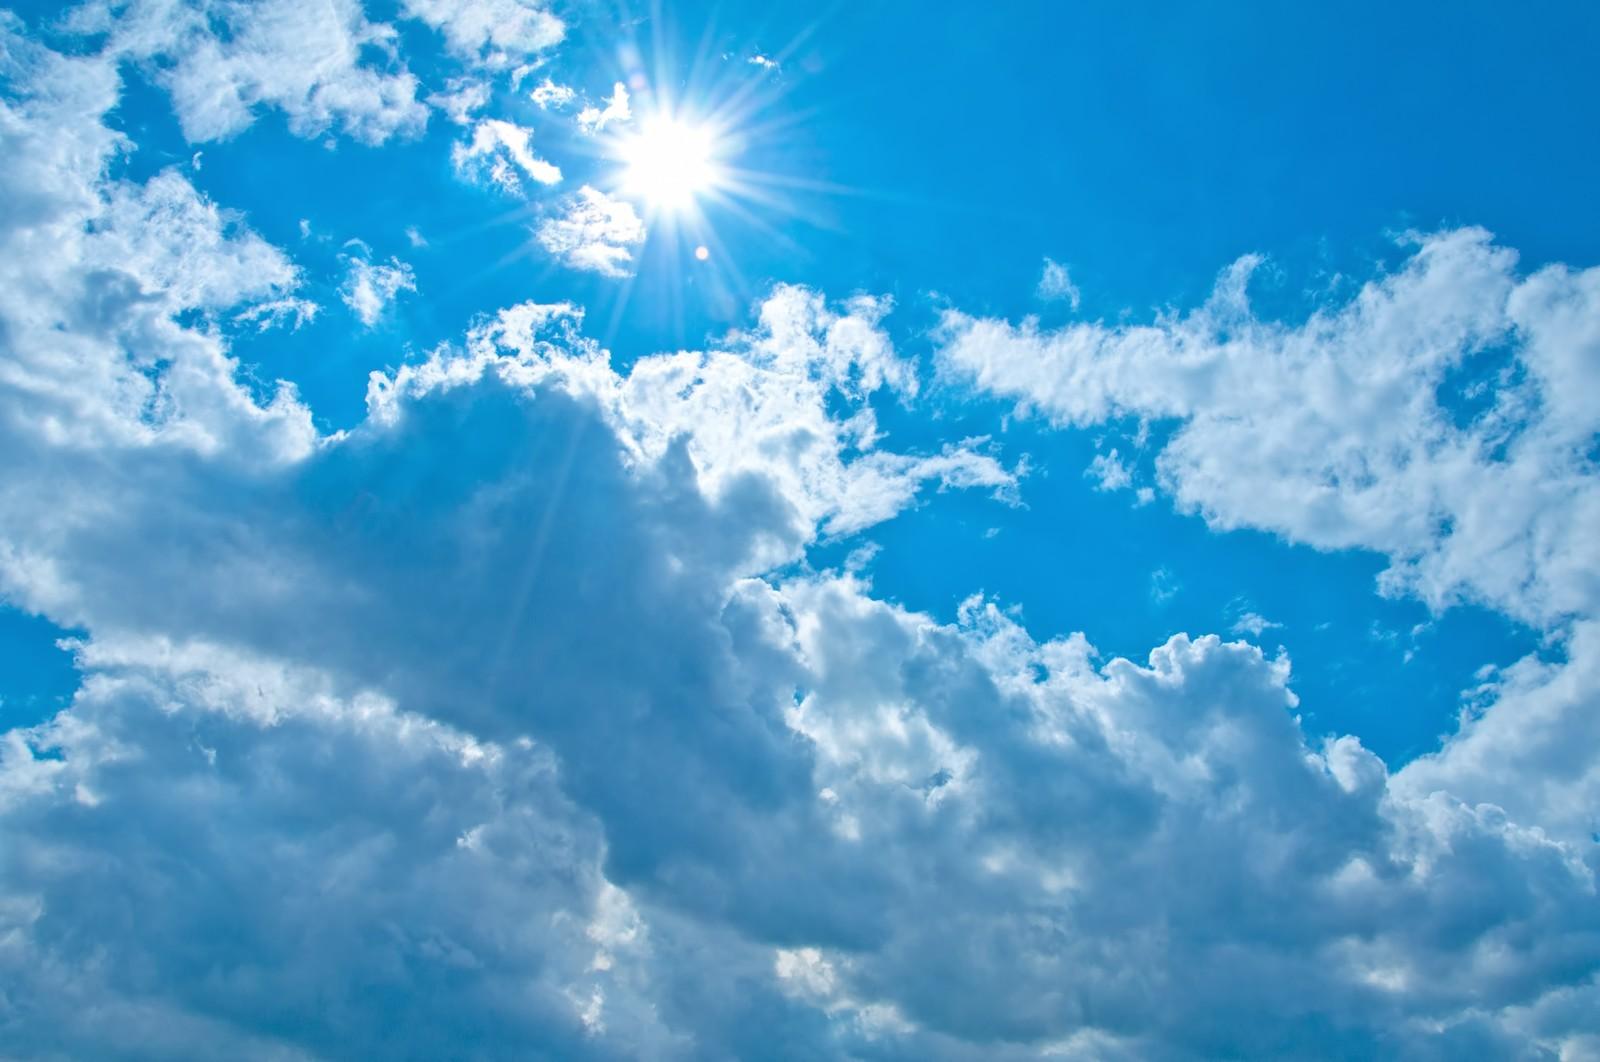 日差しがうつ病予防?日光浴・ひなたぼっこの知られざる効果と方法